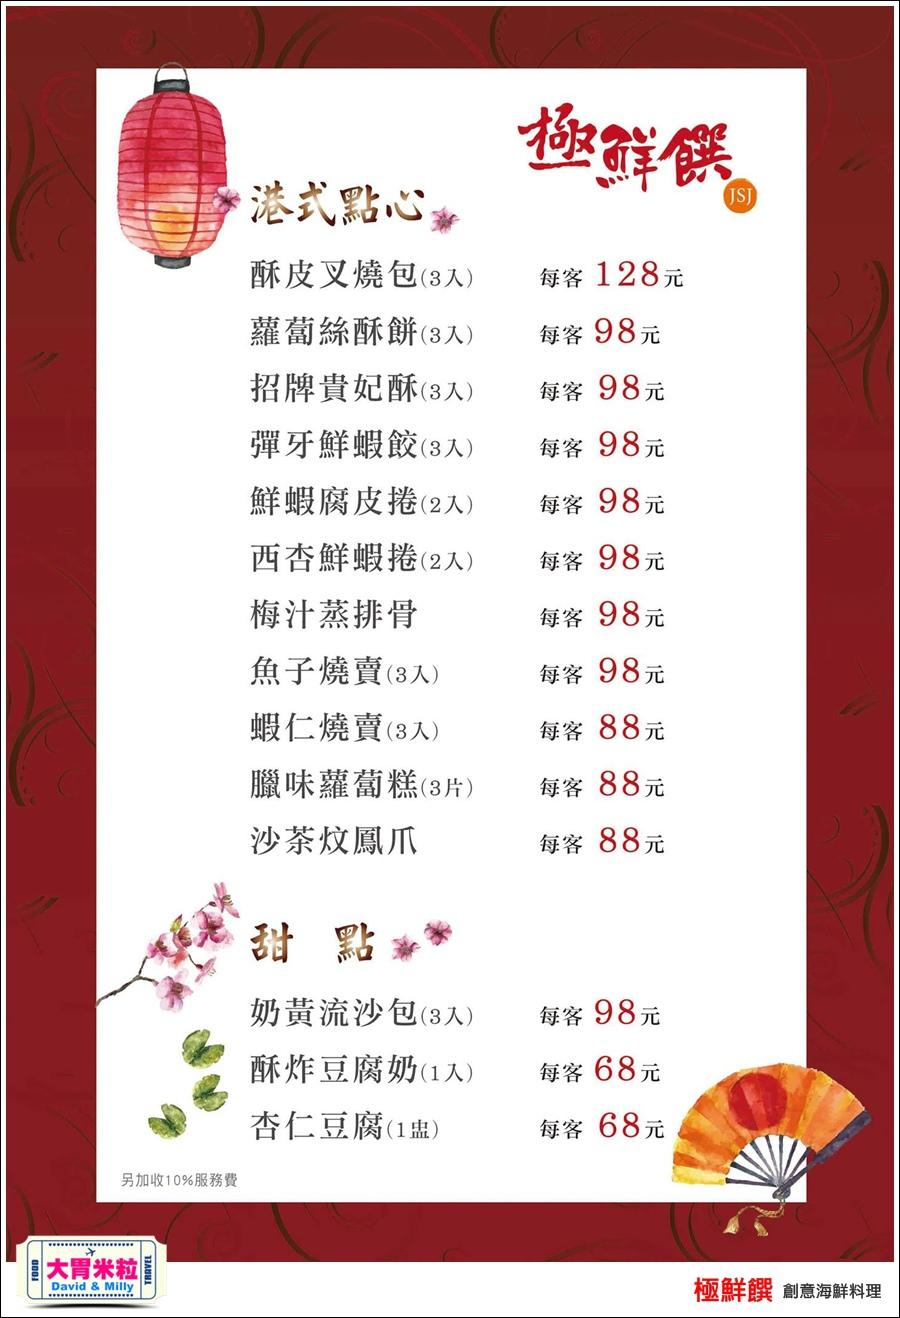 極鮮饌菜單3 (2).jpg